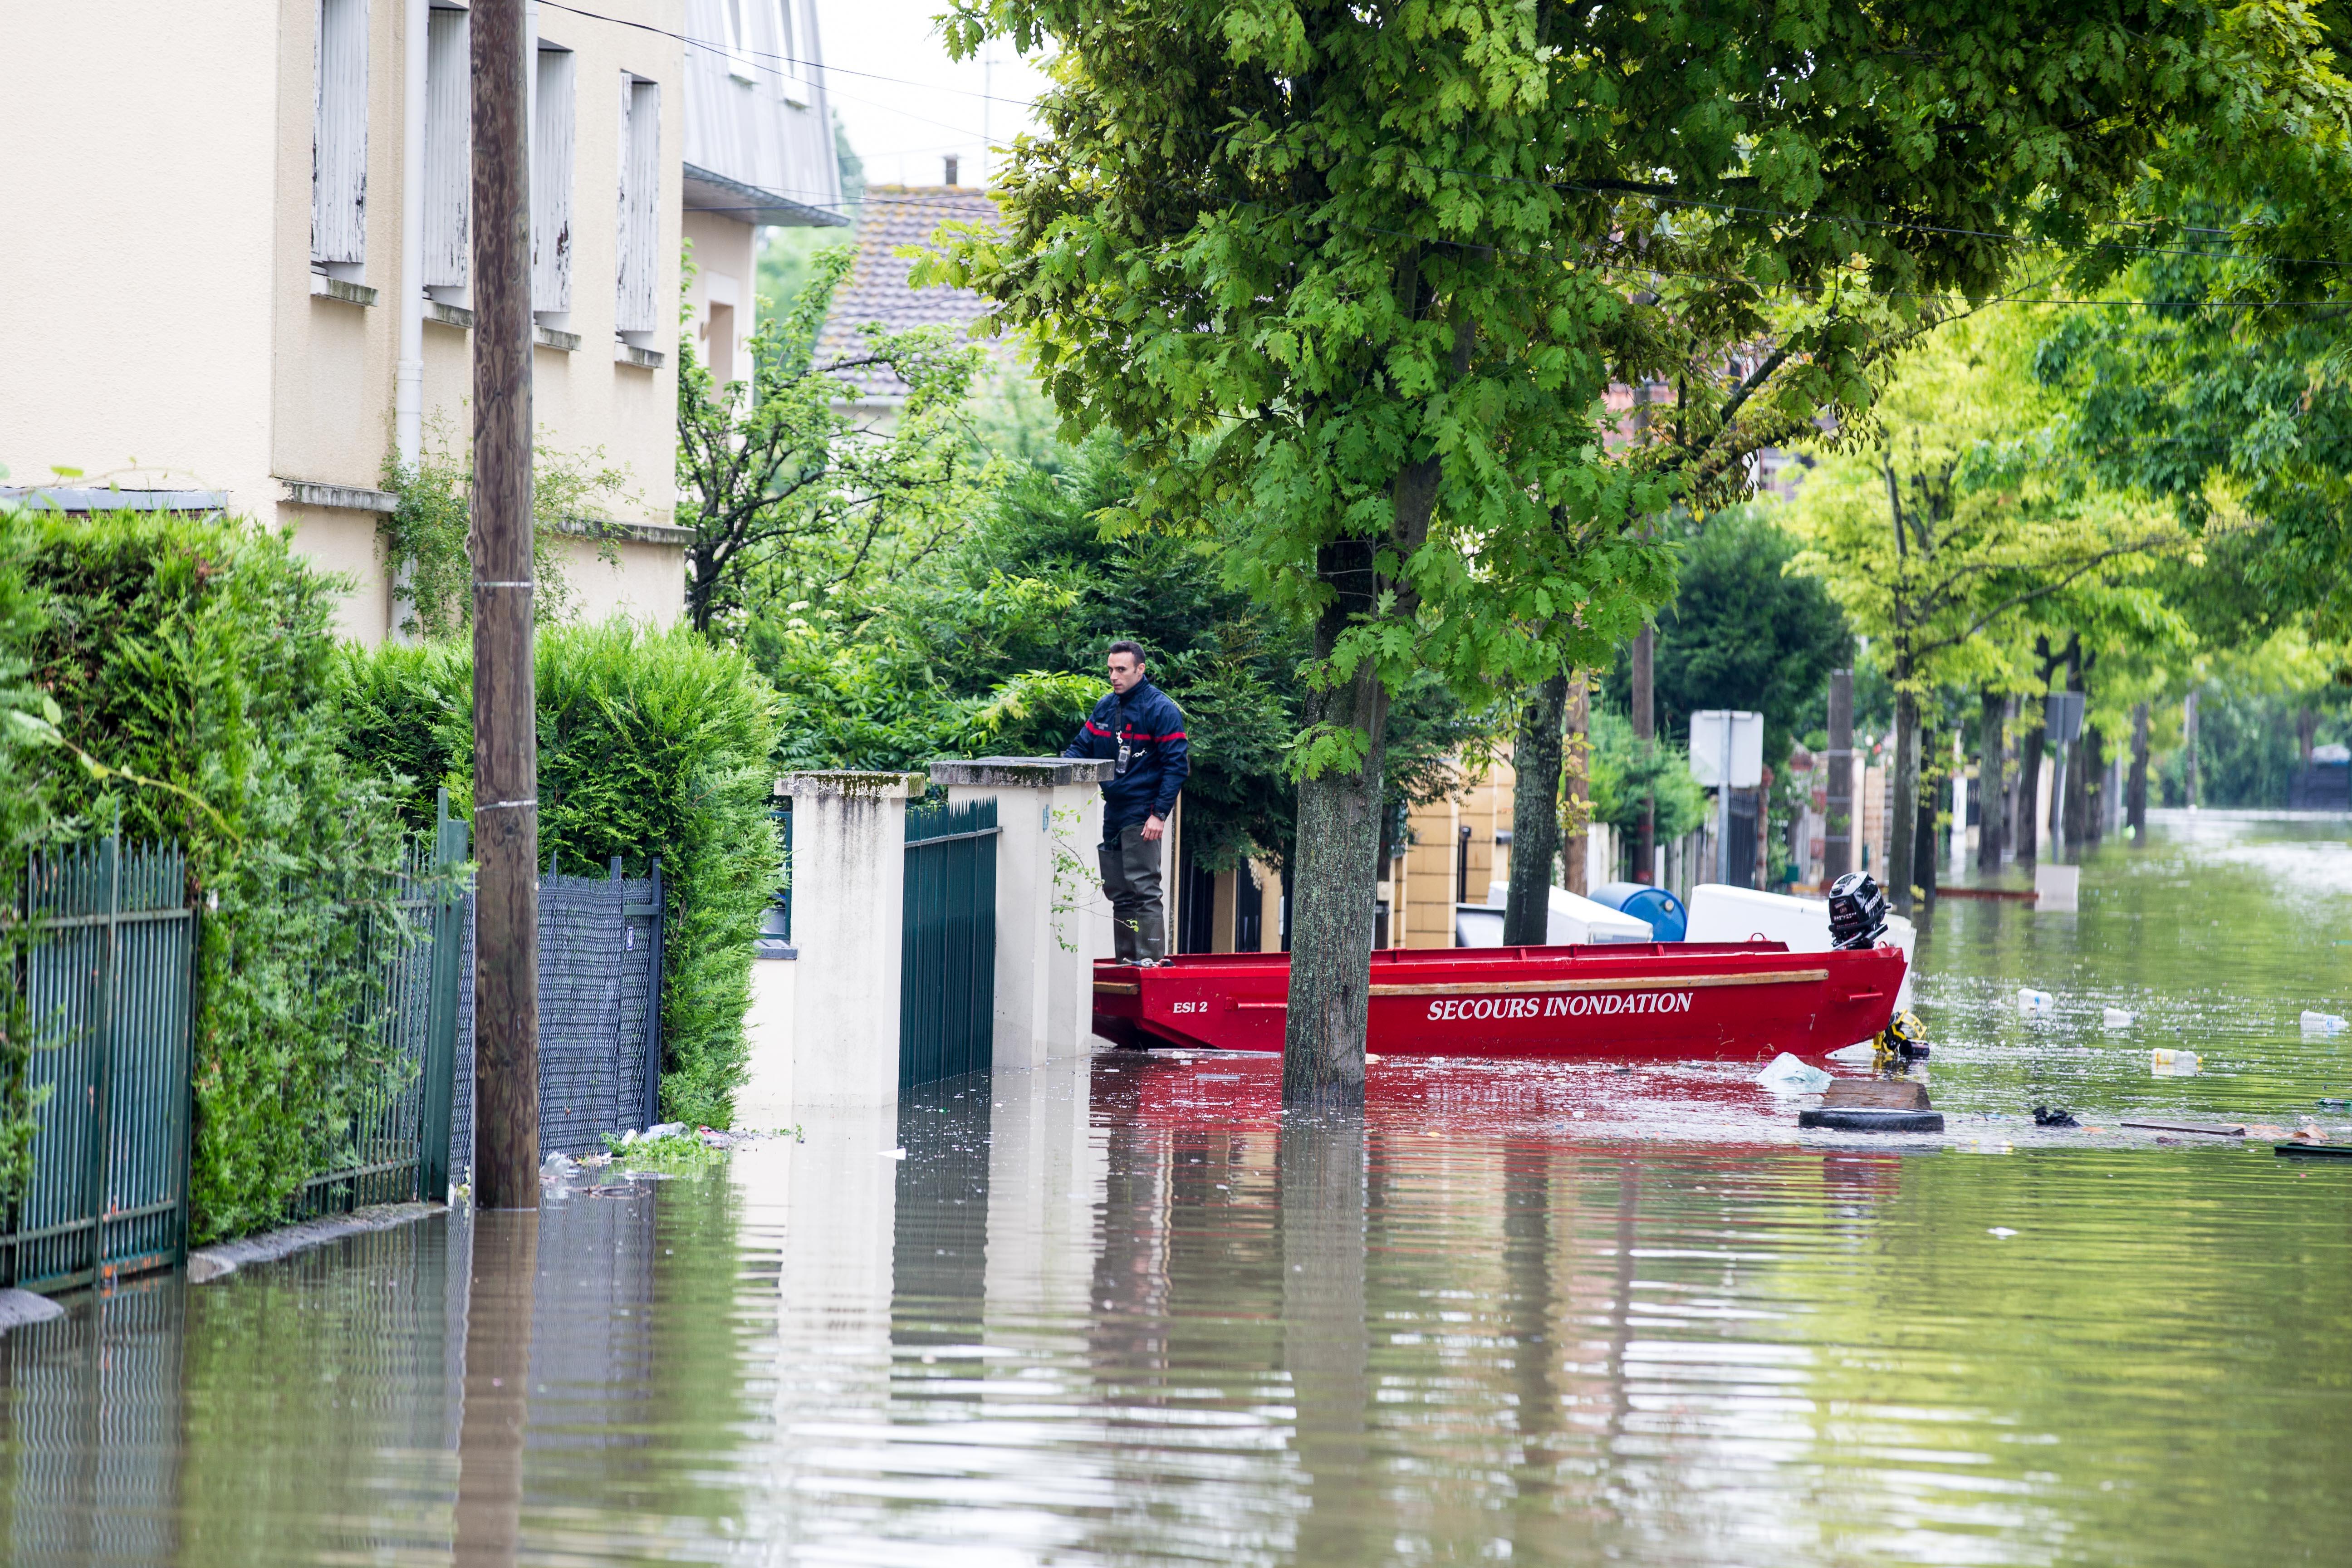 Pompiers de Paris Villeneuve Saint Georges Juin 2016 Photo Mickael Lefevre 1